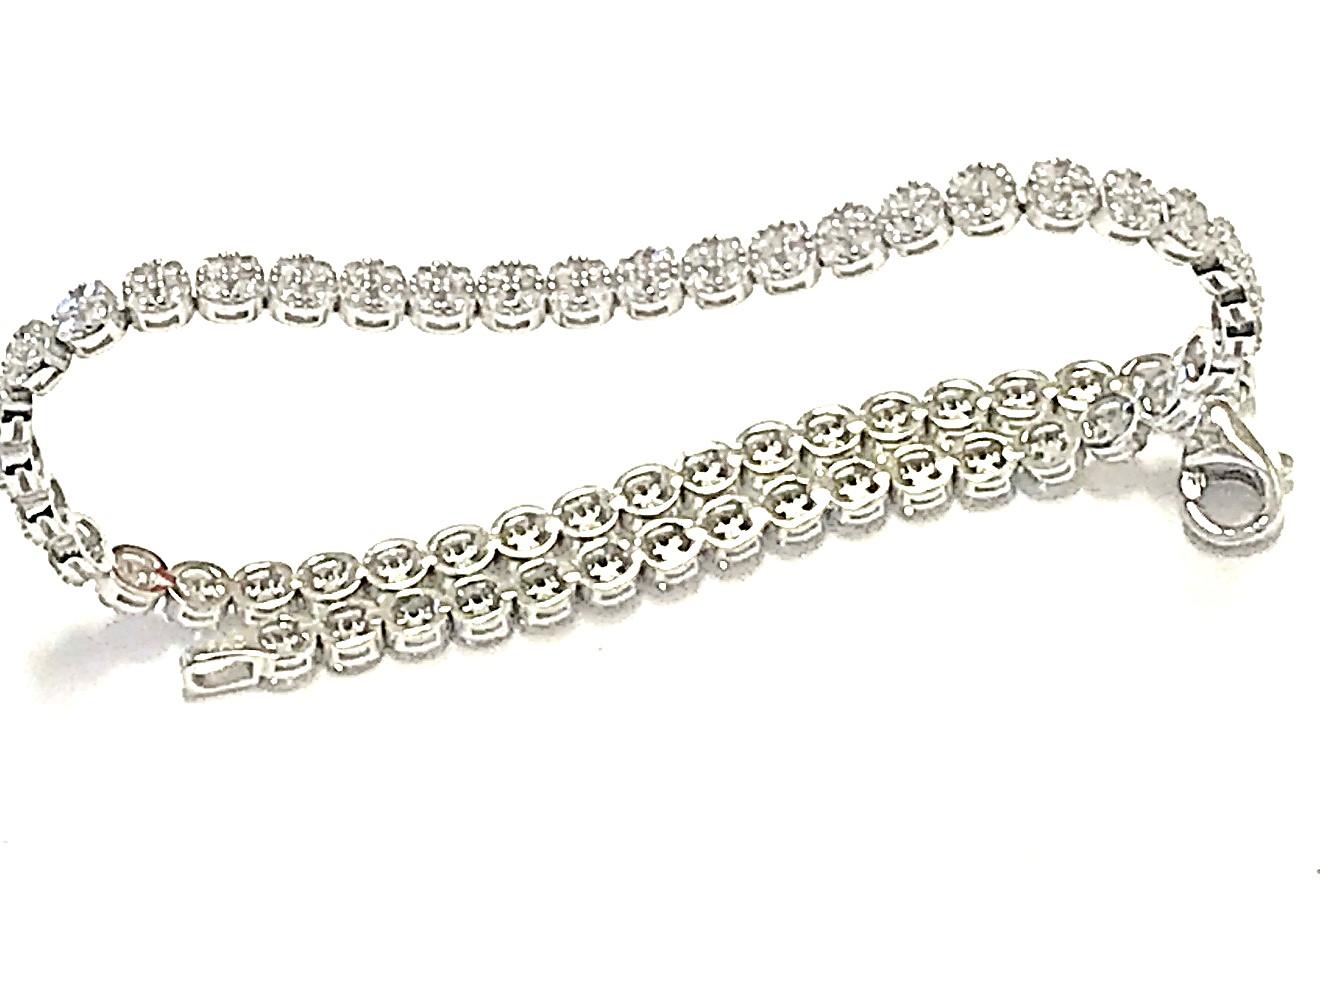 Bracelet for woman - 10K white gold